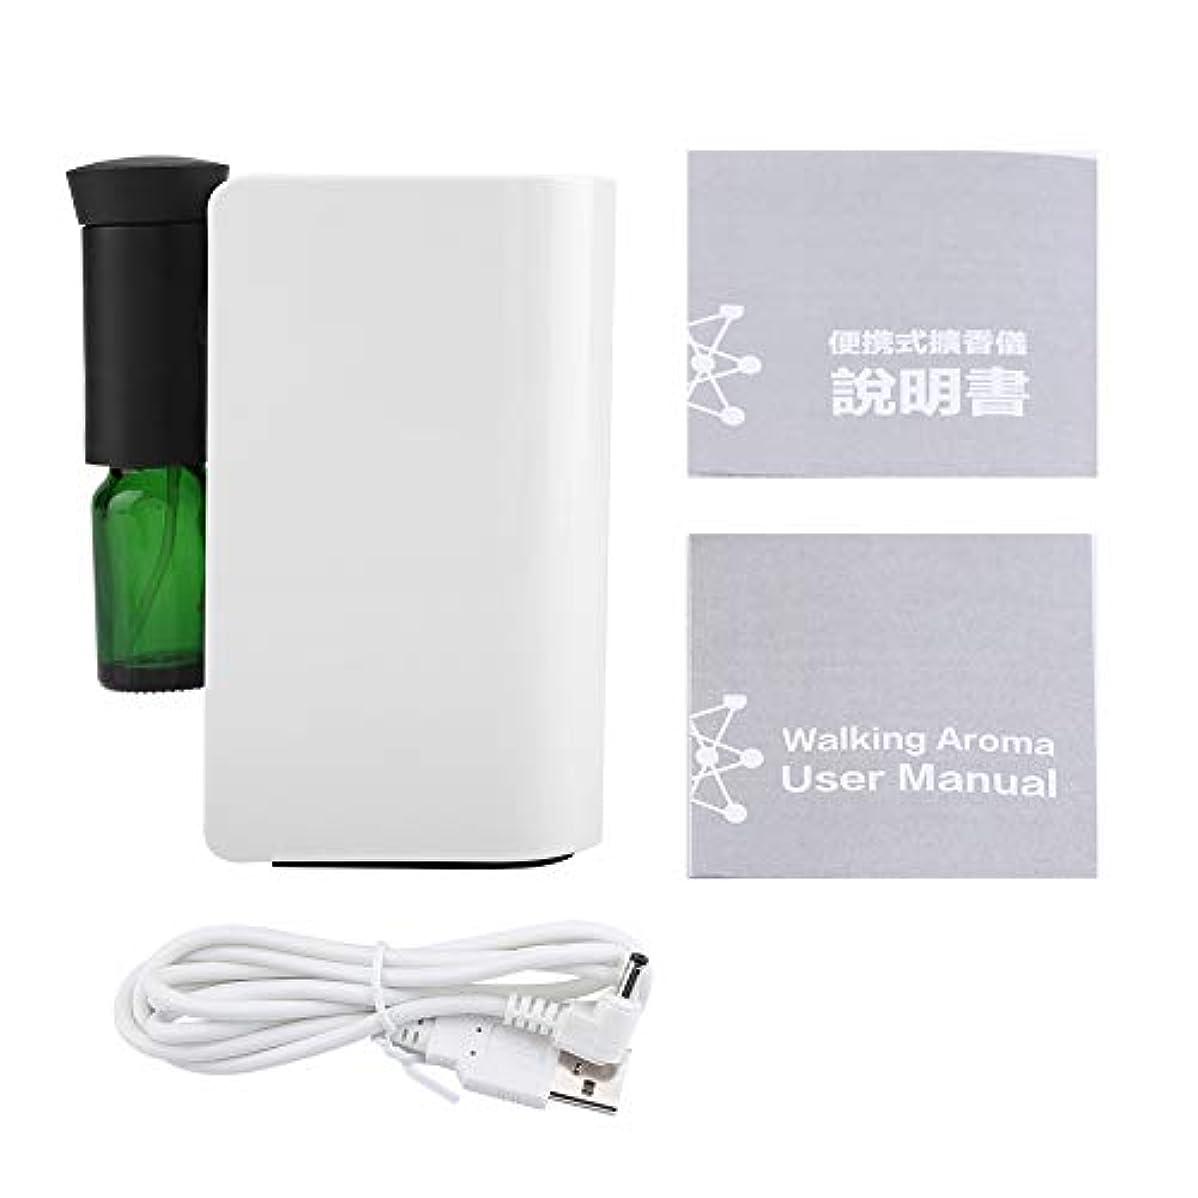 つかむ思想贅沢なアロマディフューザー usb充電式 100ml 精油 エッセンシャルオイル用 自動アロマディスペンサー用 部屋 オフィス(ホワイト)